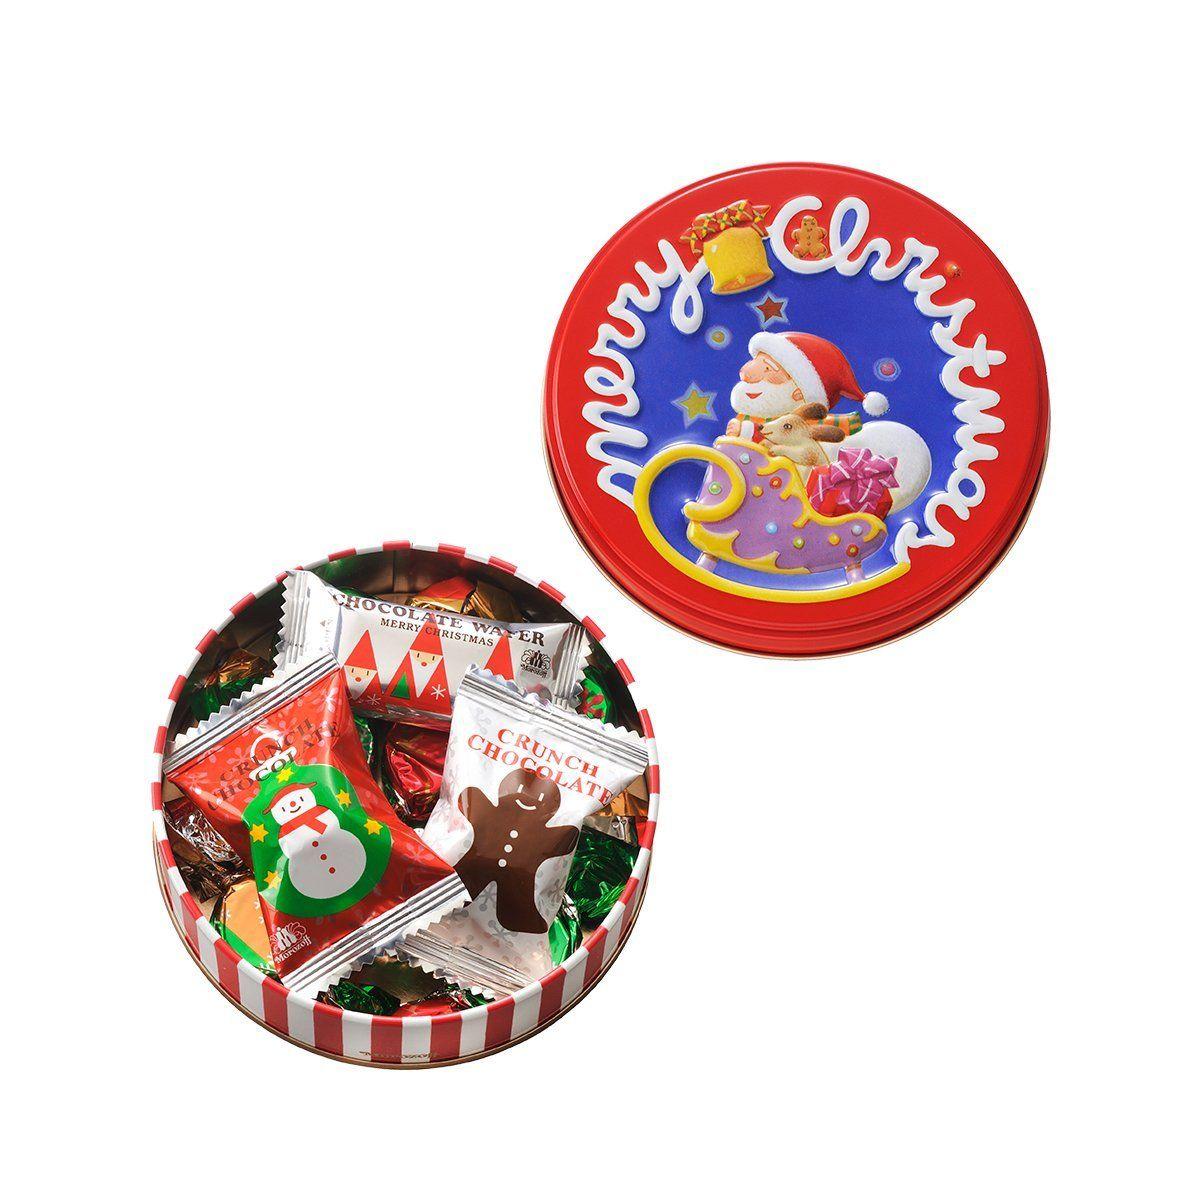 amazon モロゾフ クリスマスドリームランド 540円 mo 0817 チョコレート菓子 通販 クリスマス チョコレート 菓子